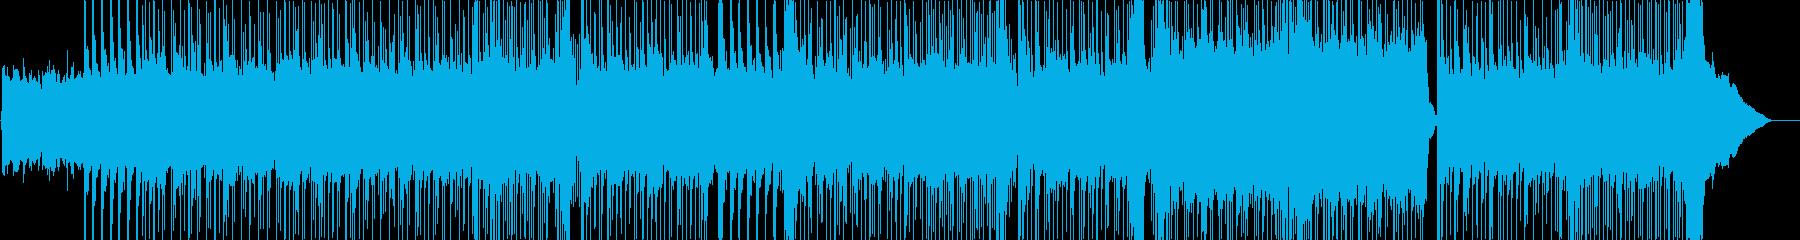 ロックの背景。の再生済みの波形